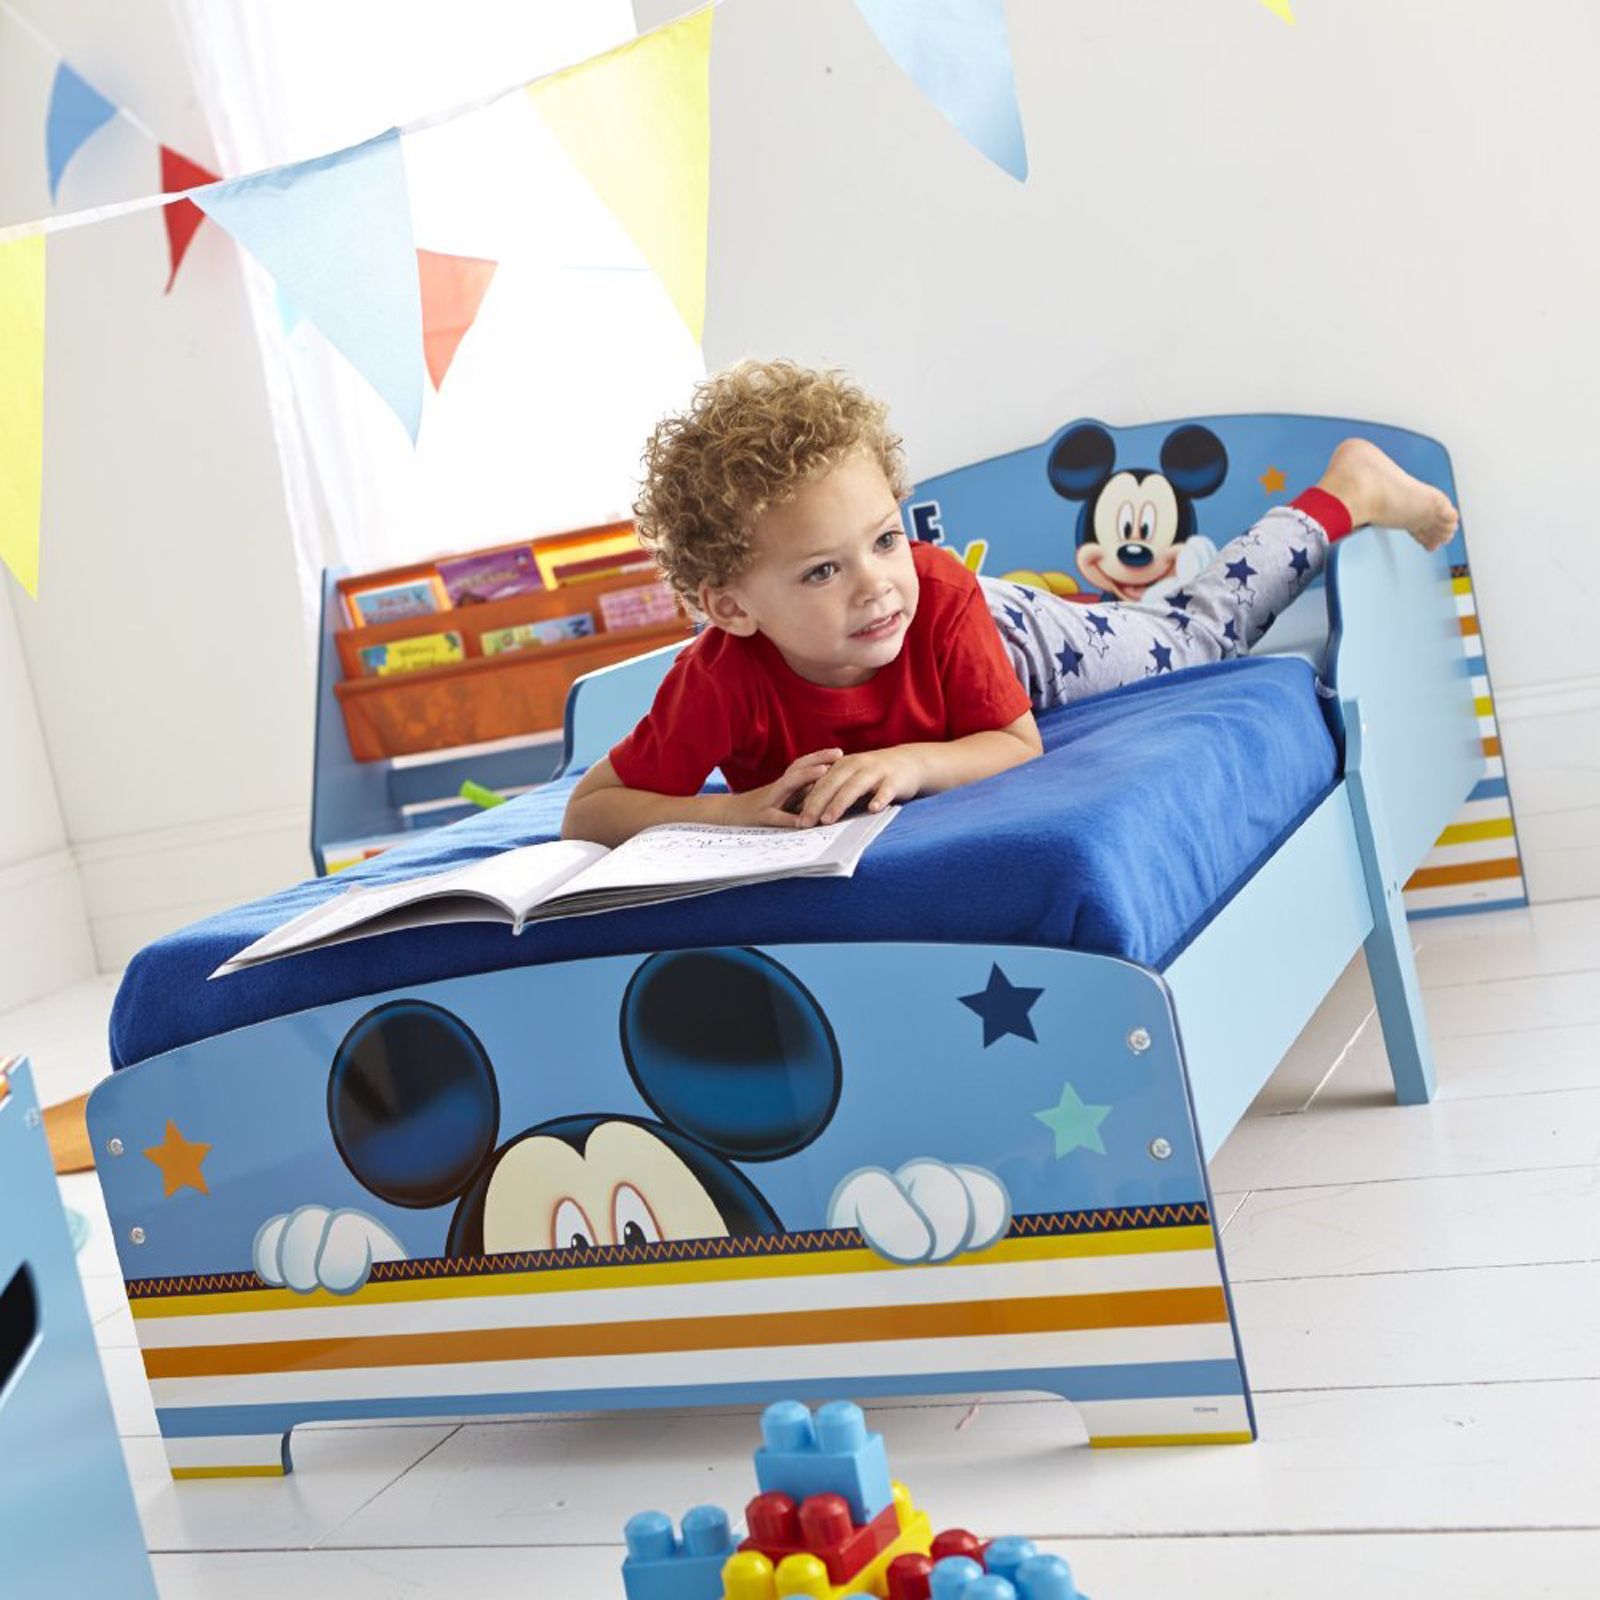 charakter kleinkind betten ohne aufbewahrungs disney cars peppa thomas mehr ebay. Black Bedroom Furniture Sets. Home Design Ideas